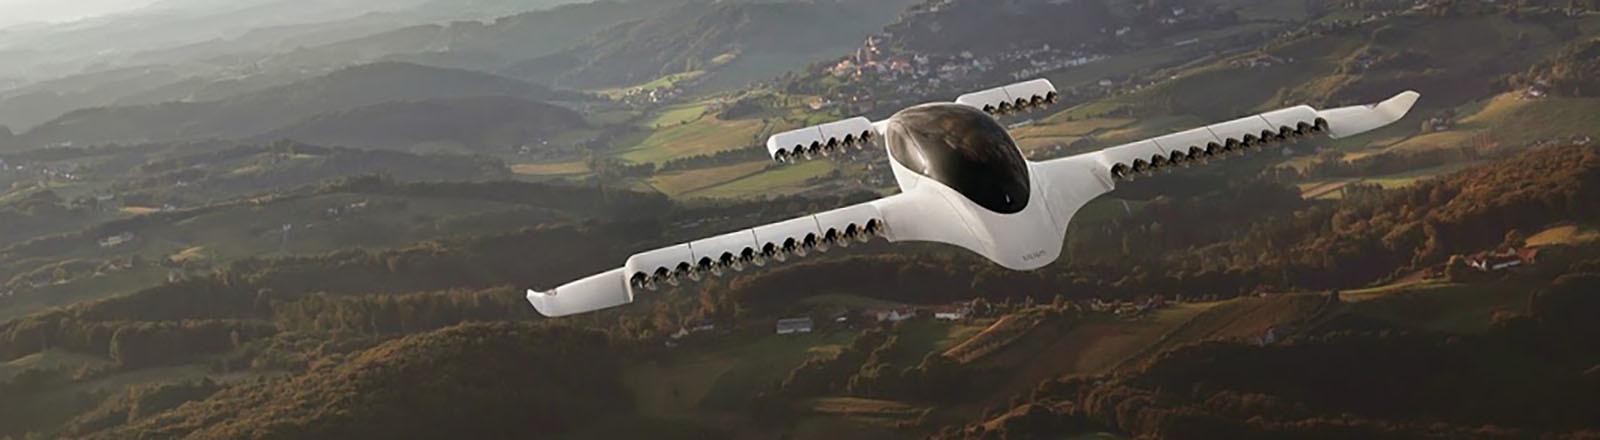 Der Prototyp Lilium fliegt über eine Landschaft mit vielen Hügeln.